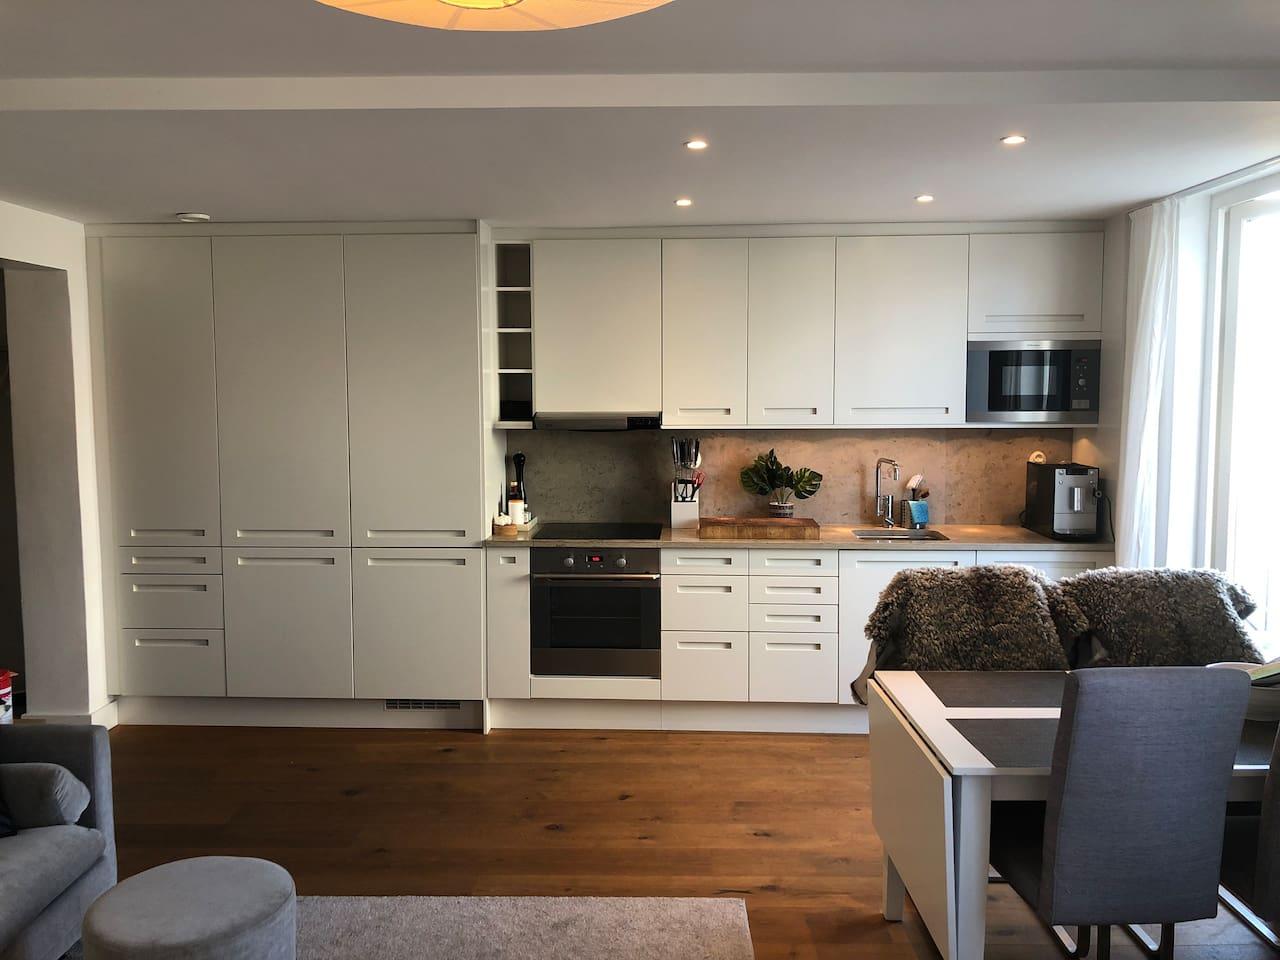 Fullt utrustat kök med diskmaskin och automatisk kaffemaskin  Fully equipped kitchen with wash machine and coffee machine